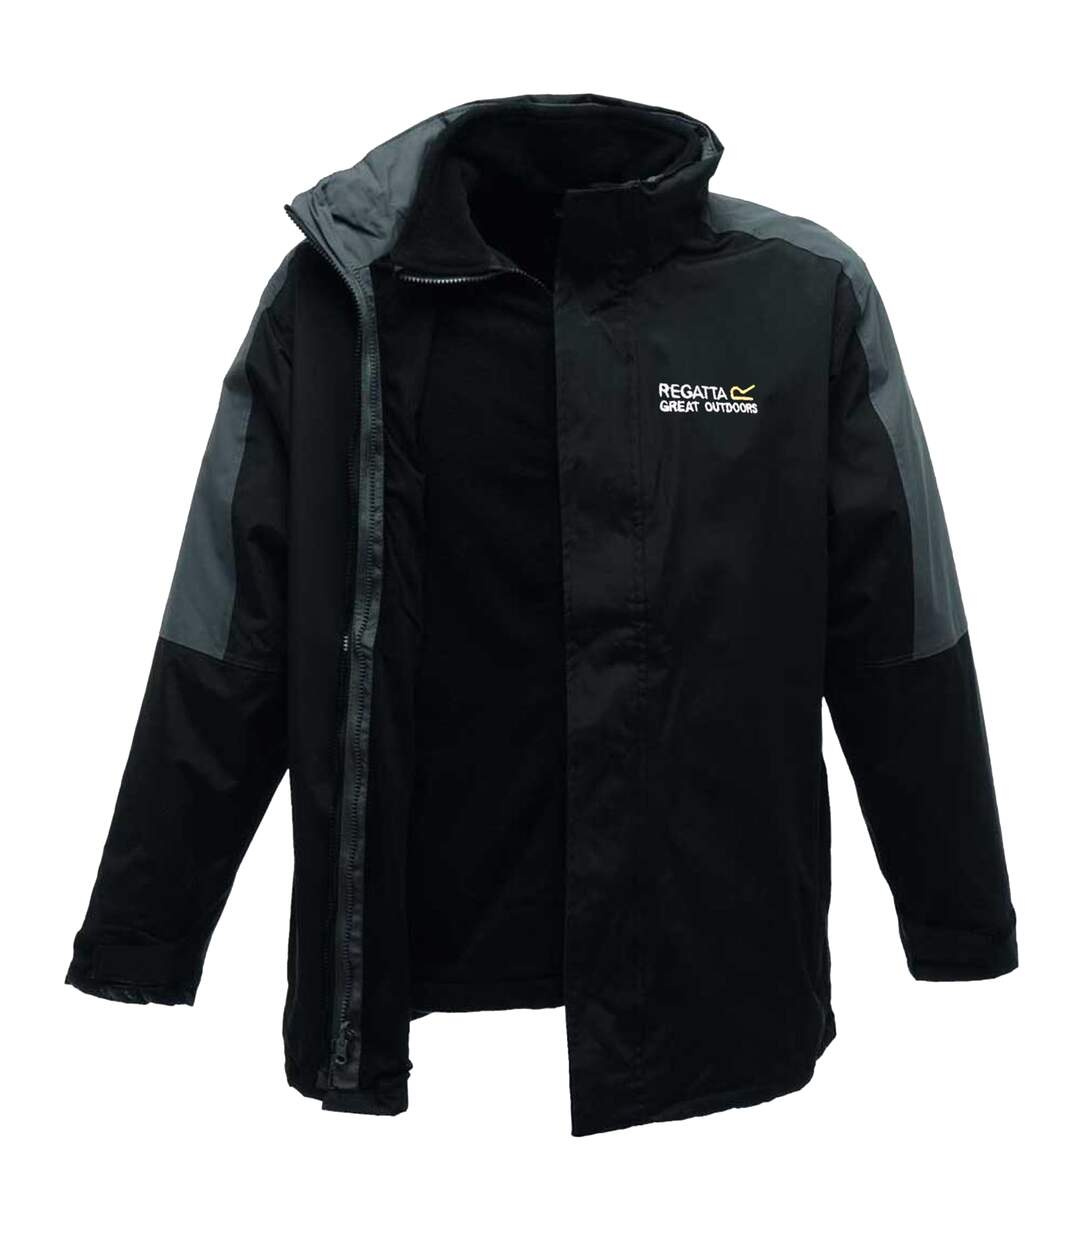 Regatta Mens Defender III 3-in-1 Waterproof Windproof Jacket / Performance Jacket (Black/Seal Grey) - UTRG1597